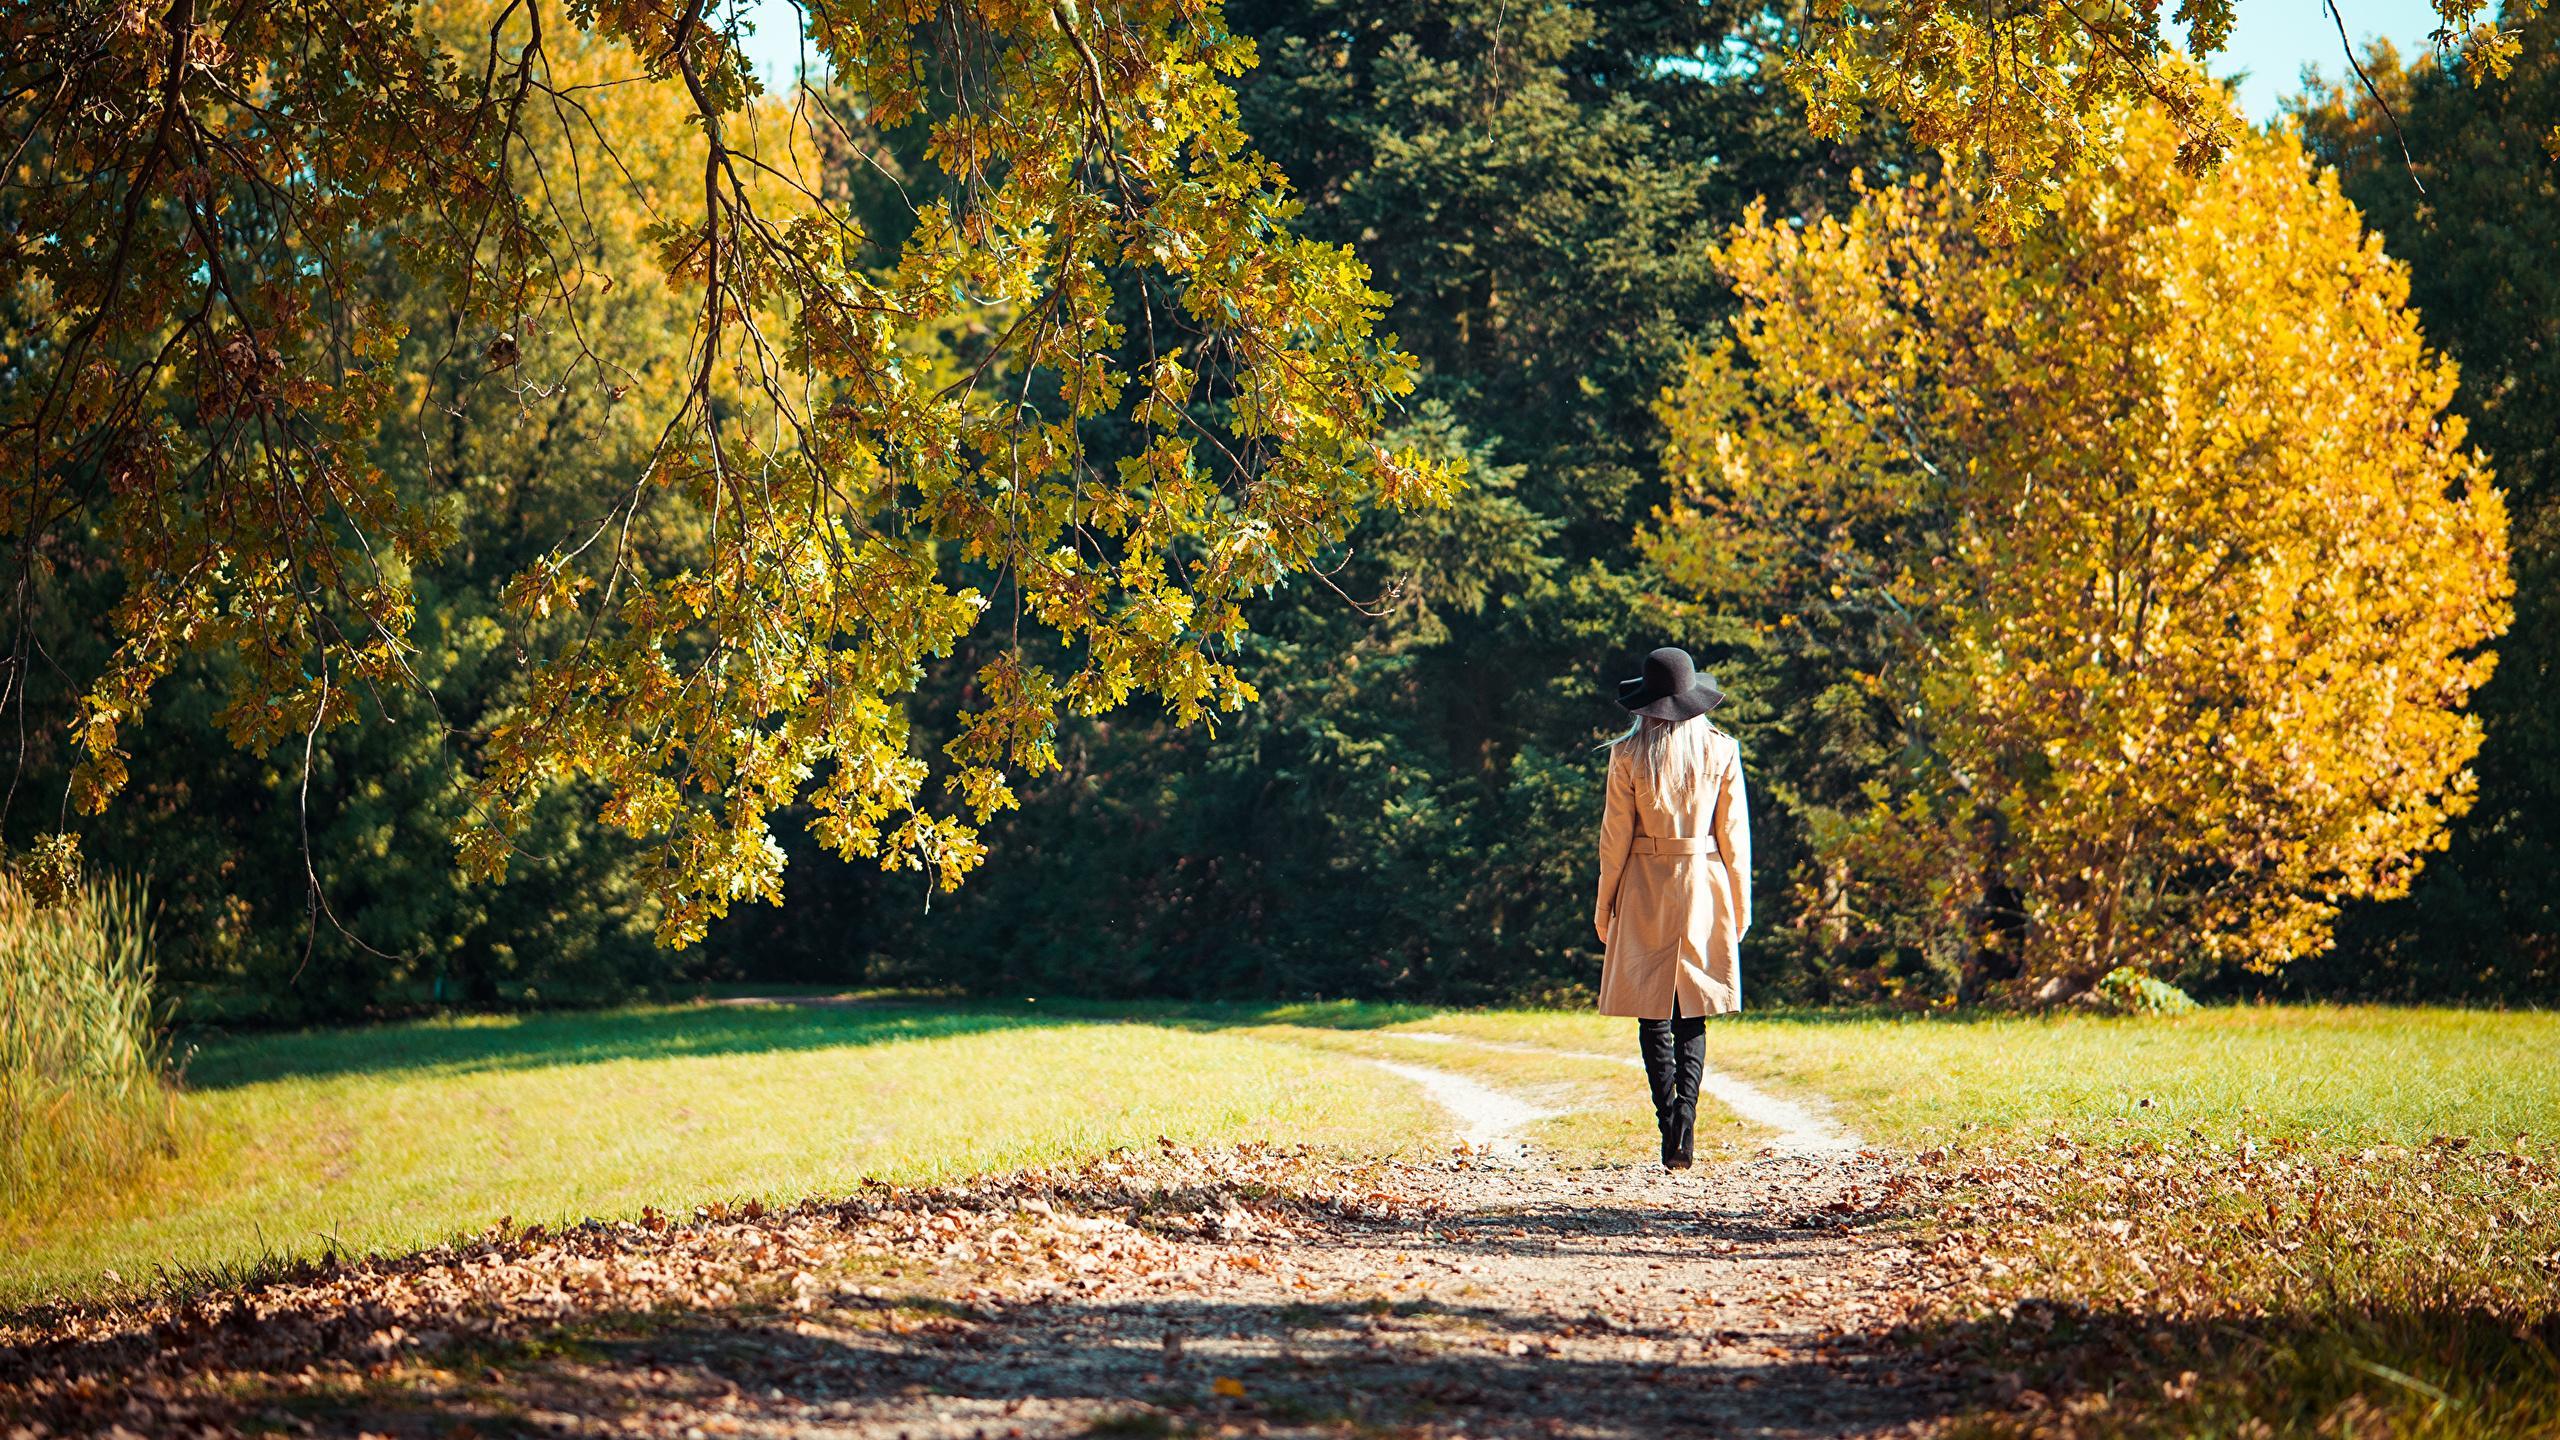 Двадцатиминутная прогулка на свежем воздухе снизила уровень стресса